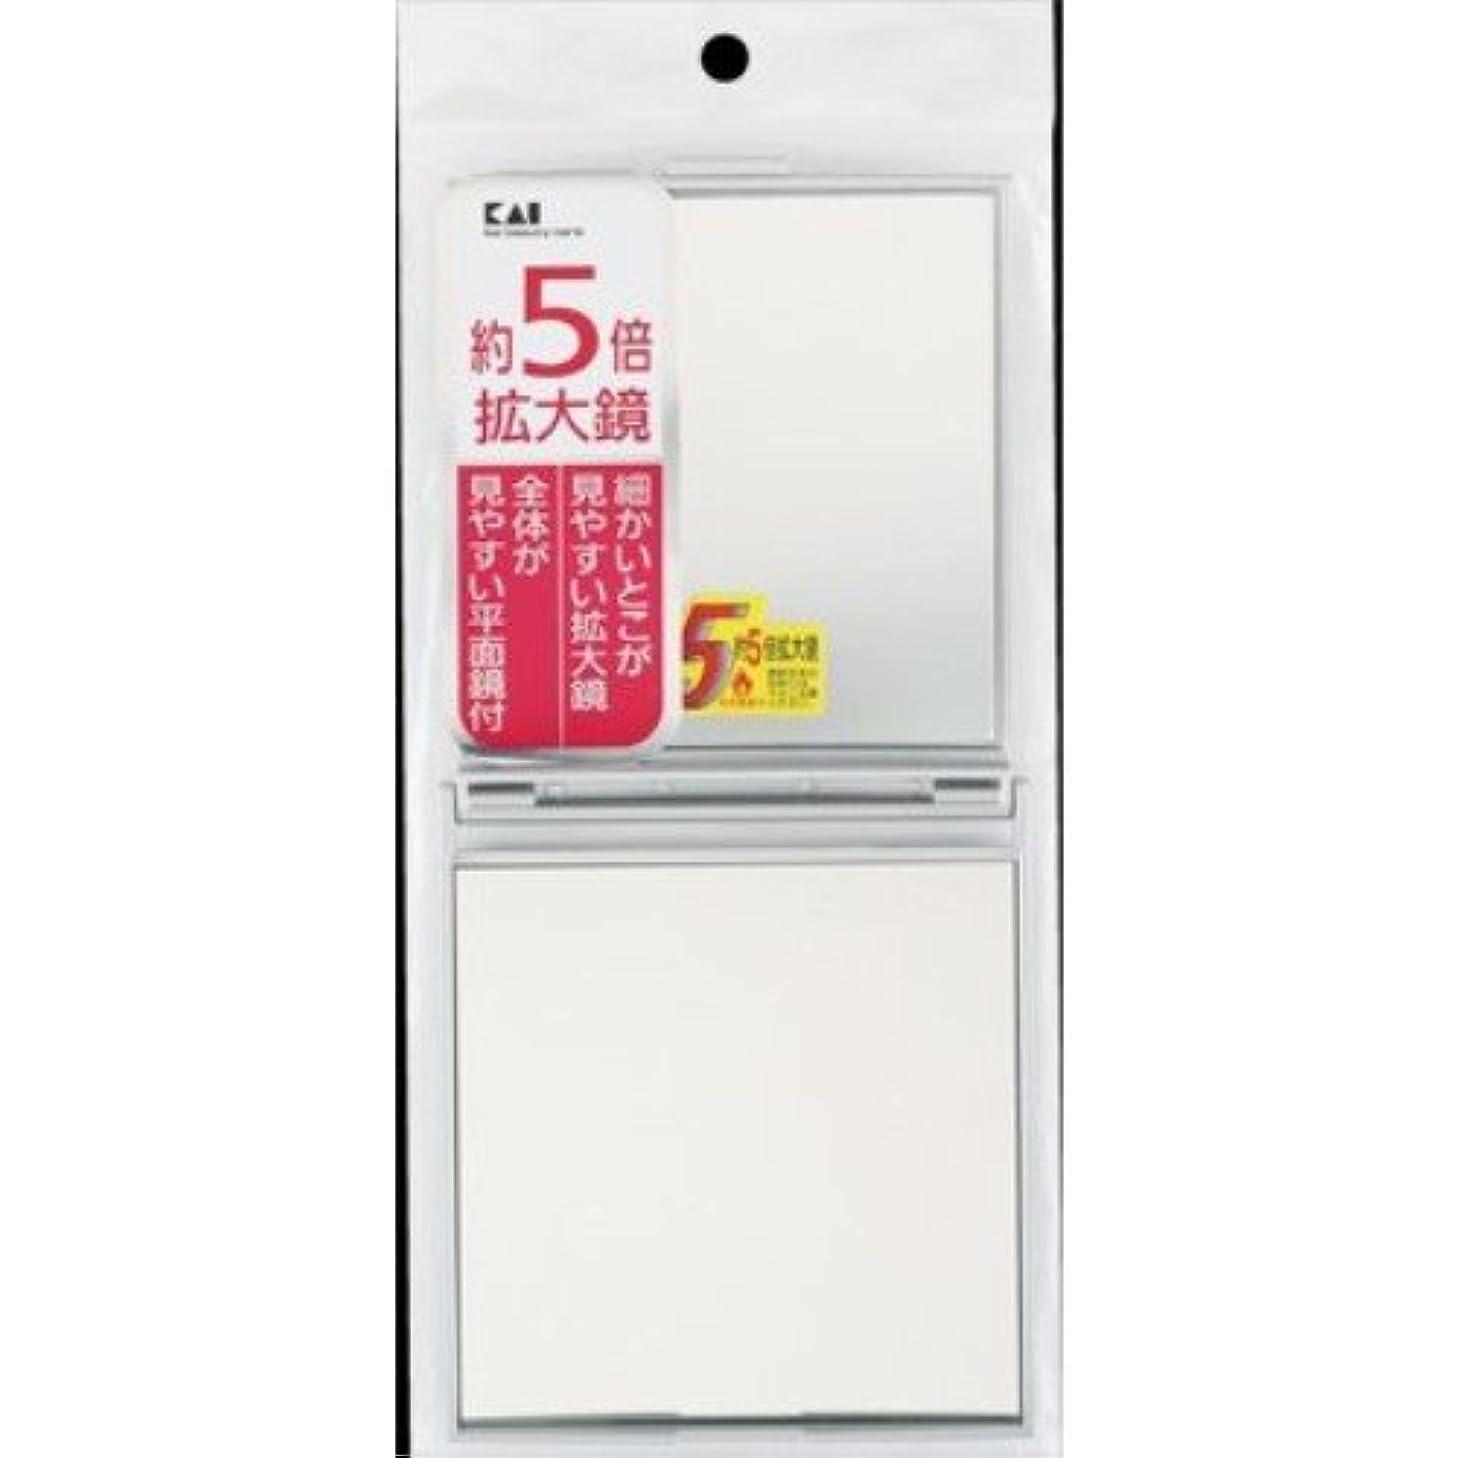 痴漢金銭的尾貝印 5倍拡大鏡付コンパクトミラー シルバー KX0755